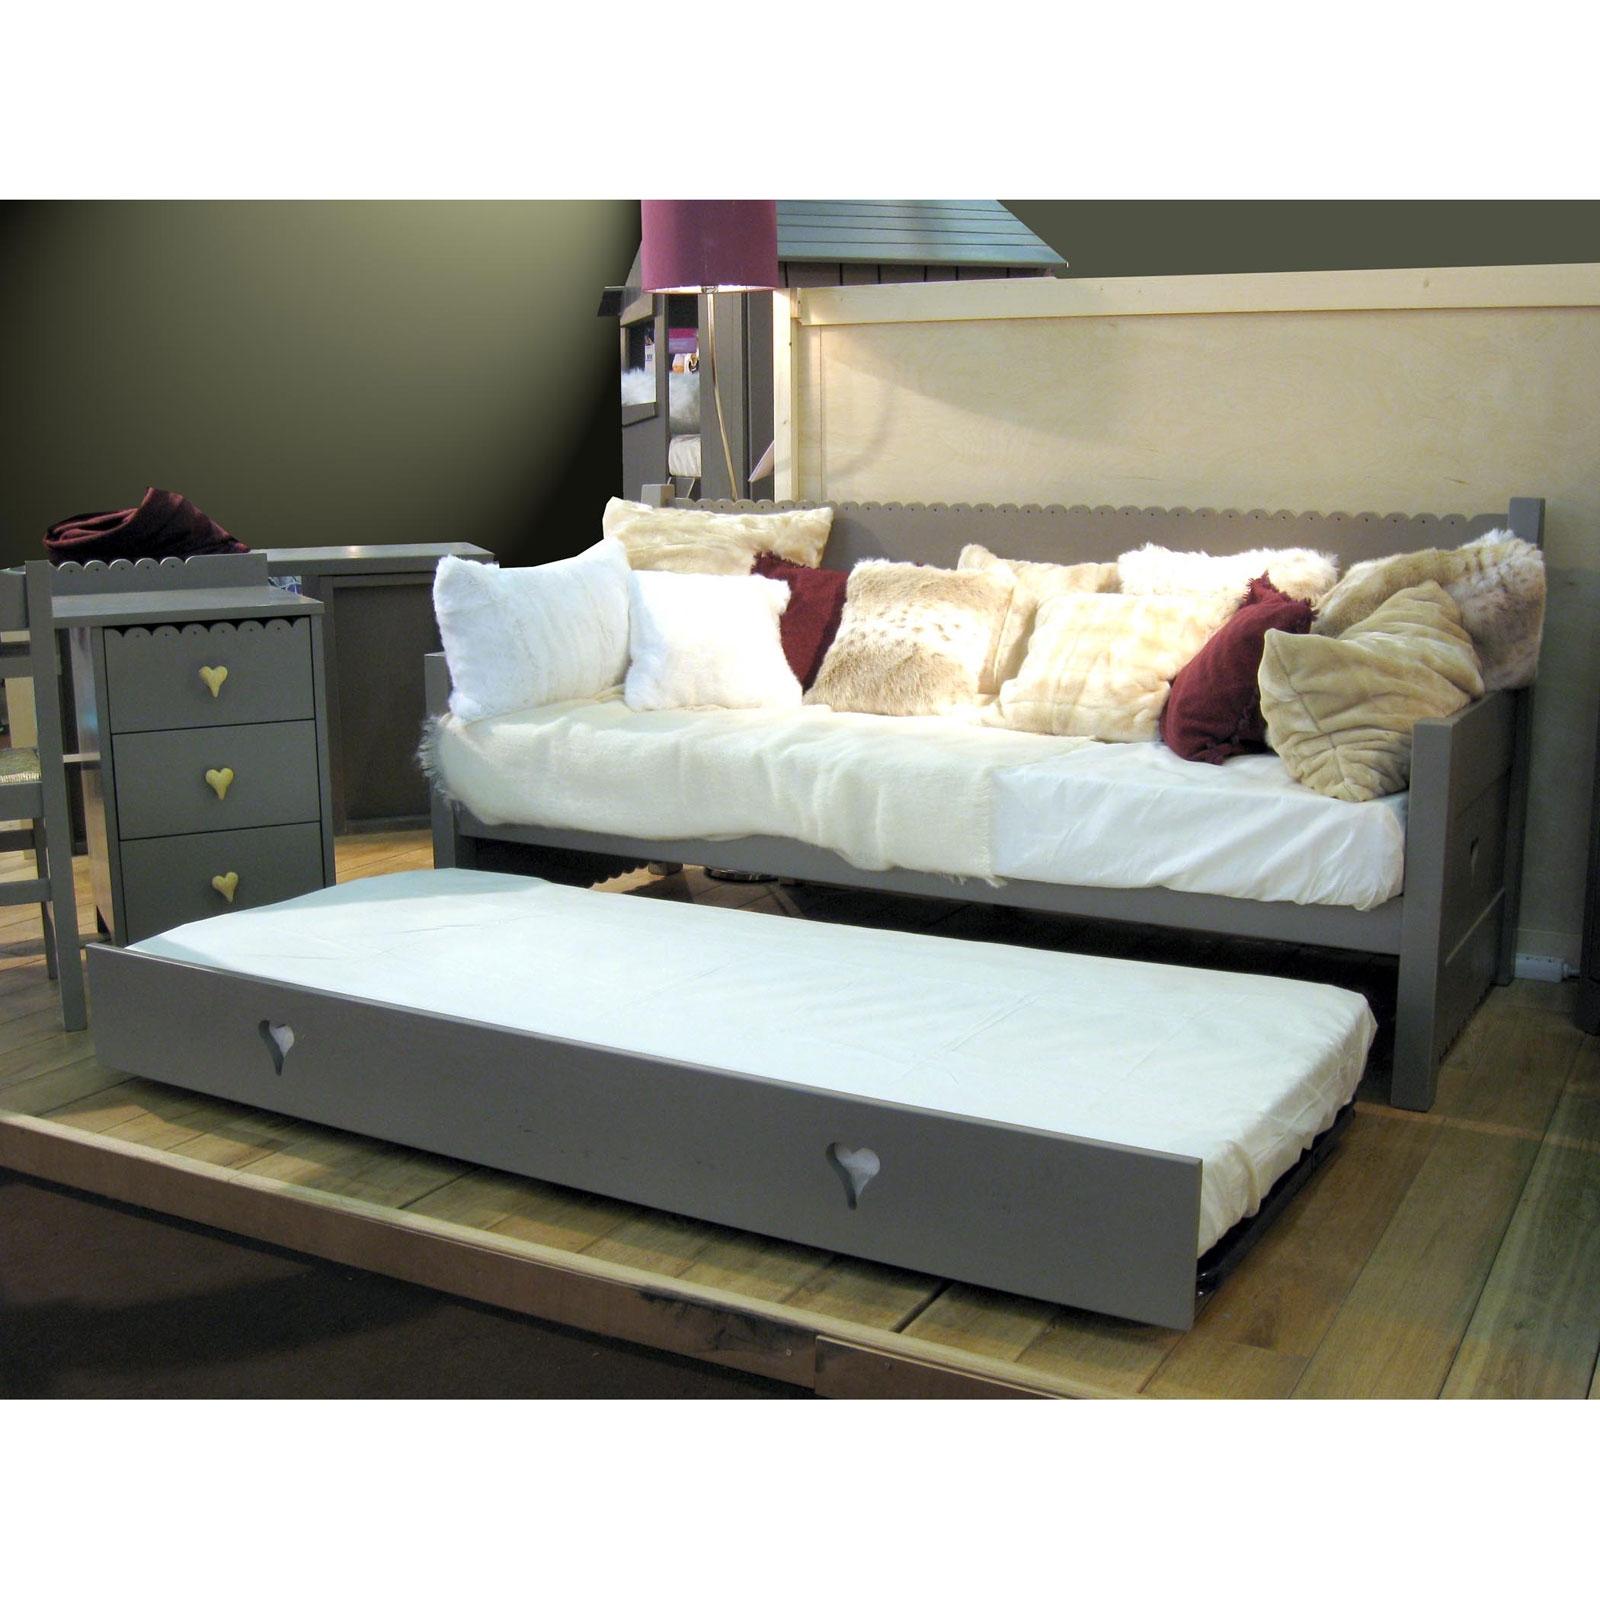 lit gigogne solde decorations magazine. Black Bedroom Furniture Sets. Home Design Ideas